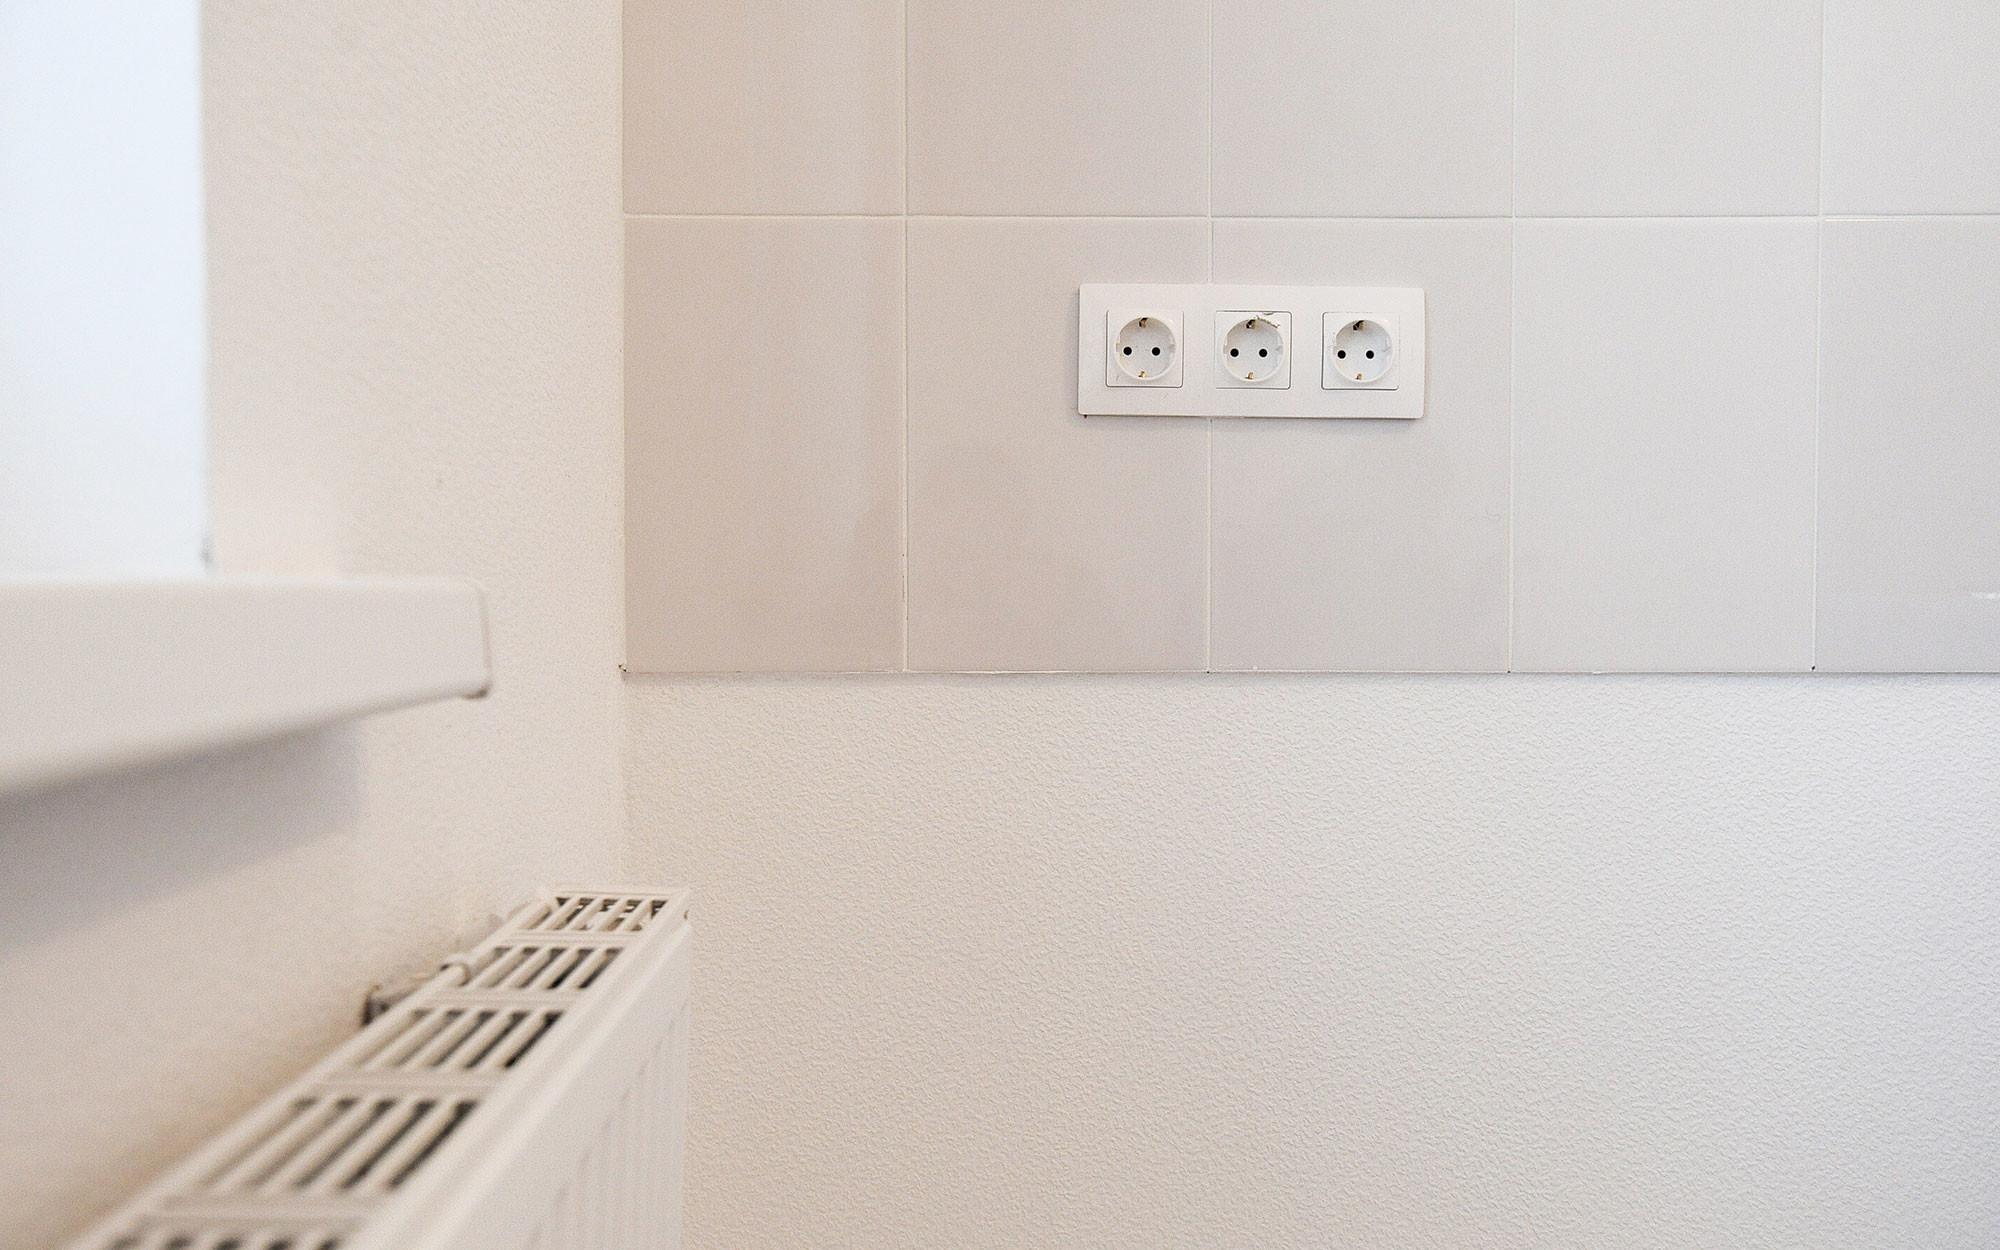 """Отопительные алюминиевые радиаторы всё чаще используются в новостройках. Фото: © Агентство городских новостей """"Москва"""" / Александр Авилов"""